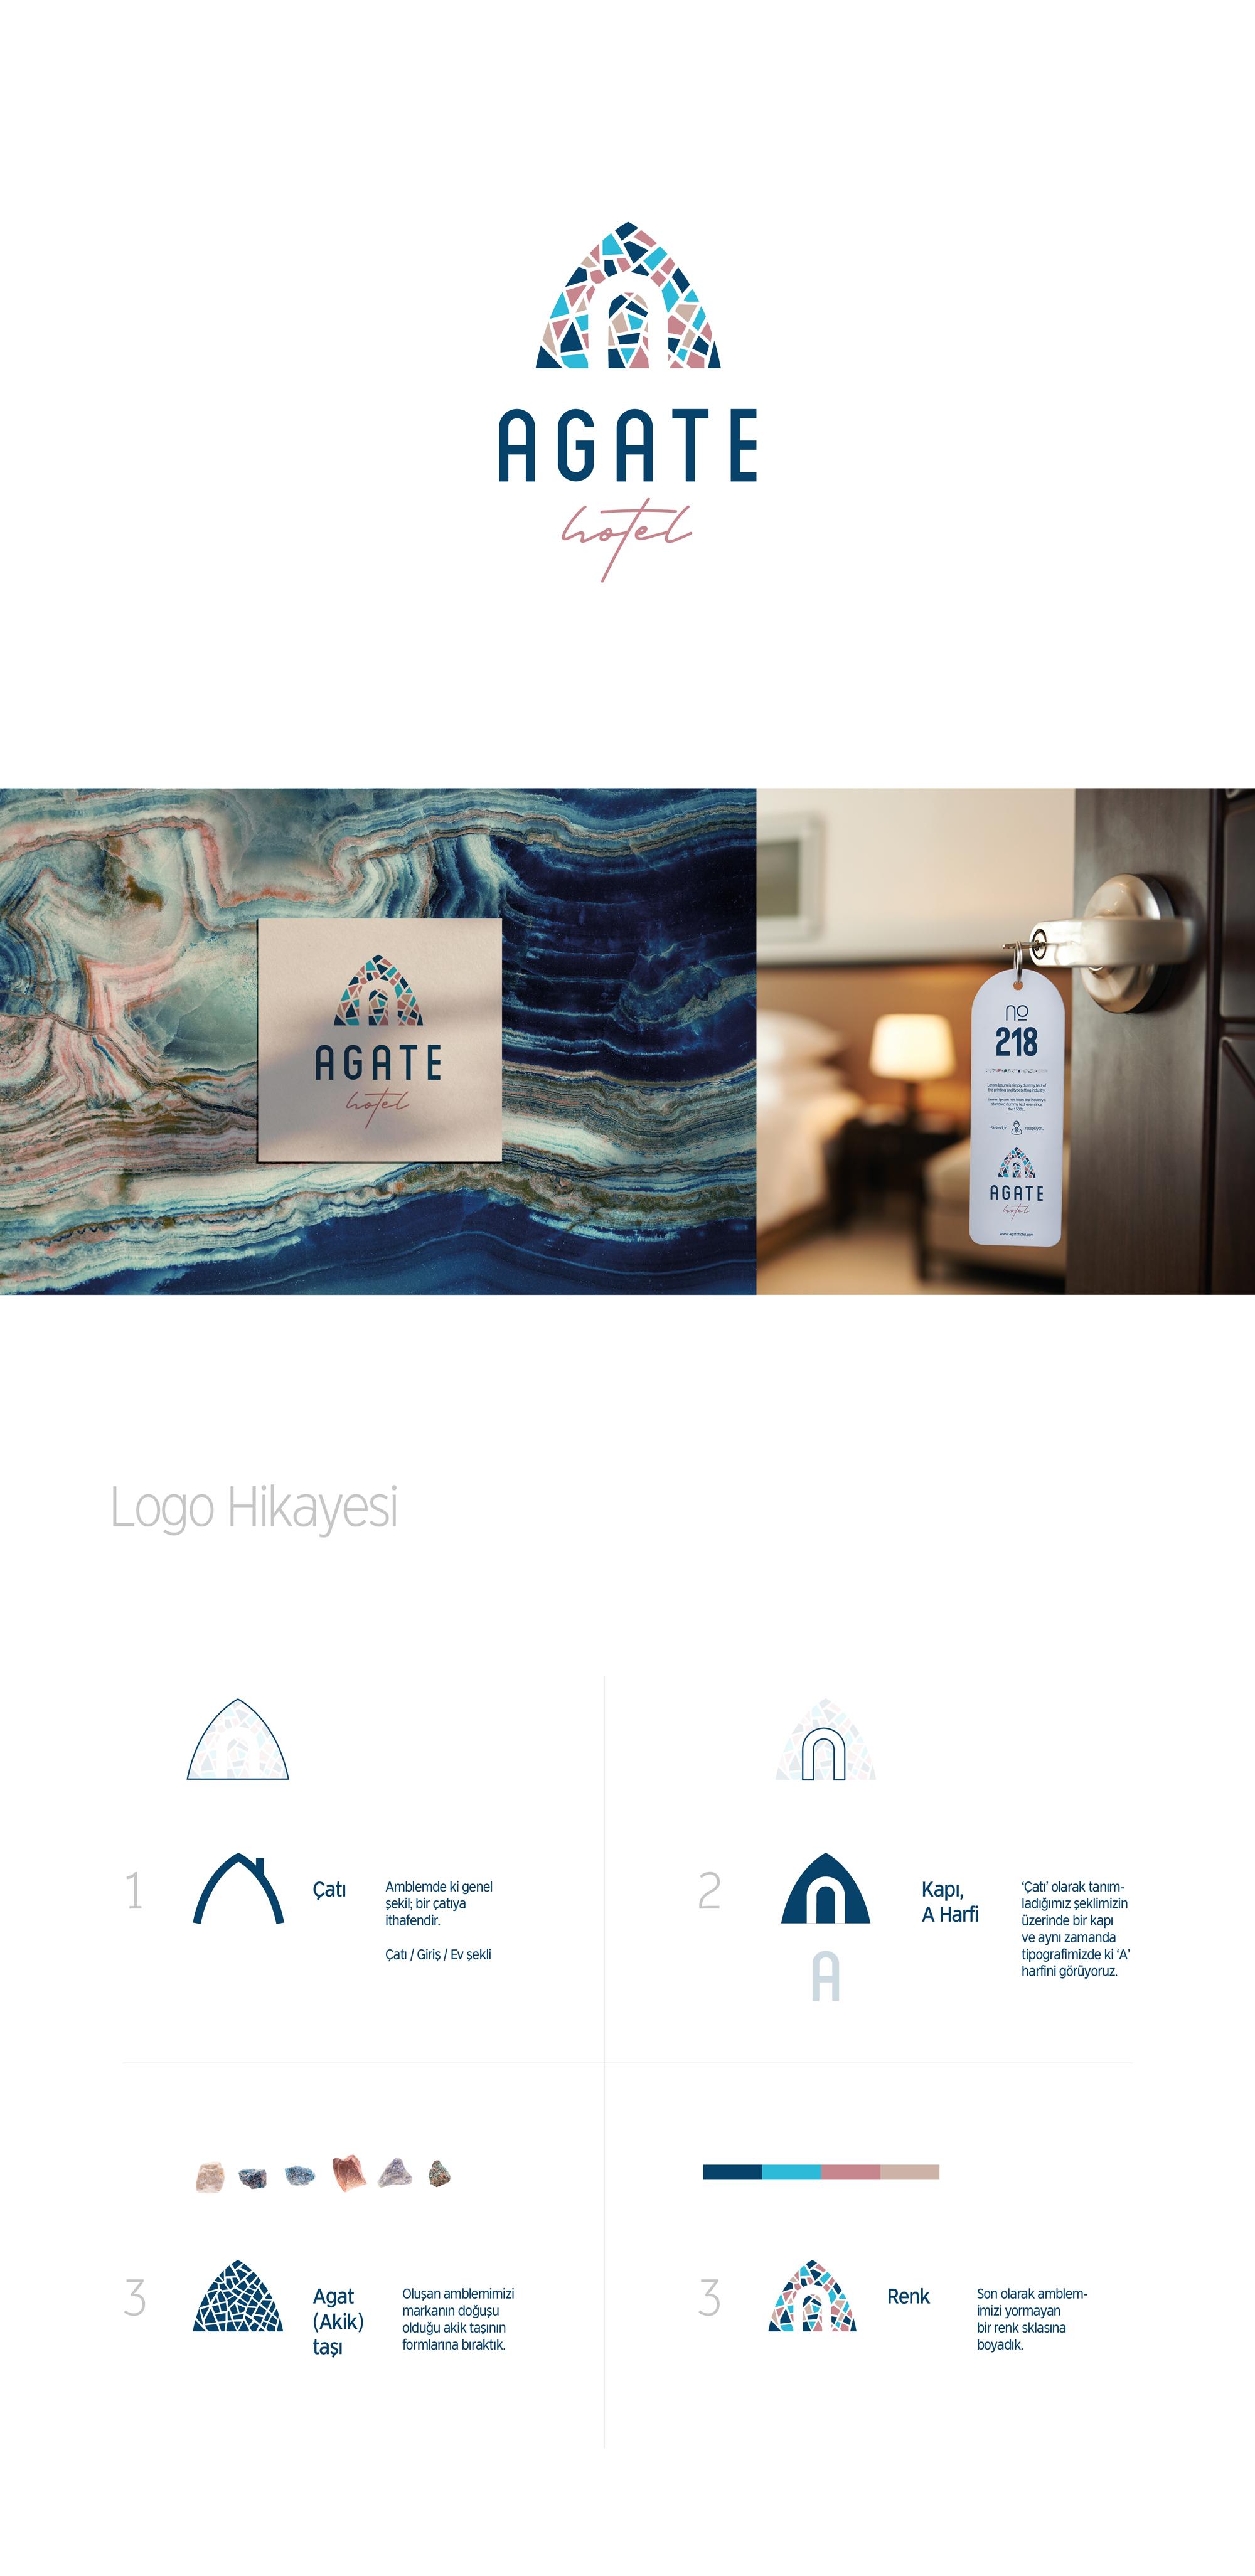 Ankara kurumsal kimlik tasarımı  Agate Hotel